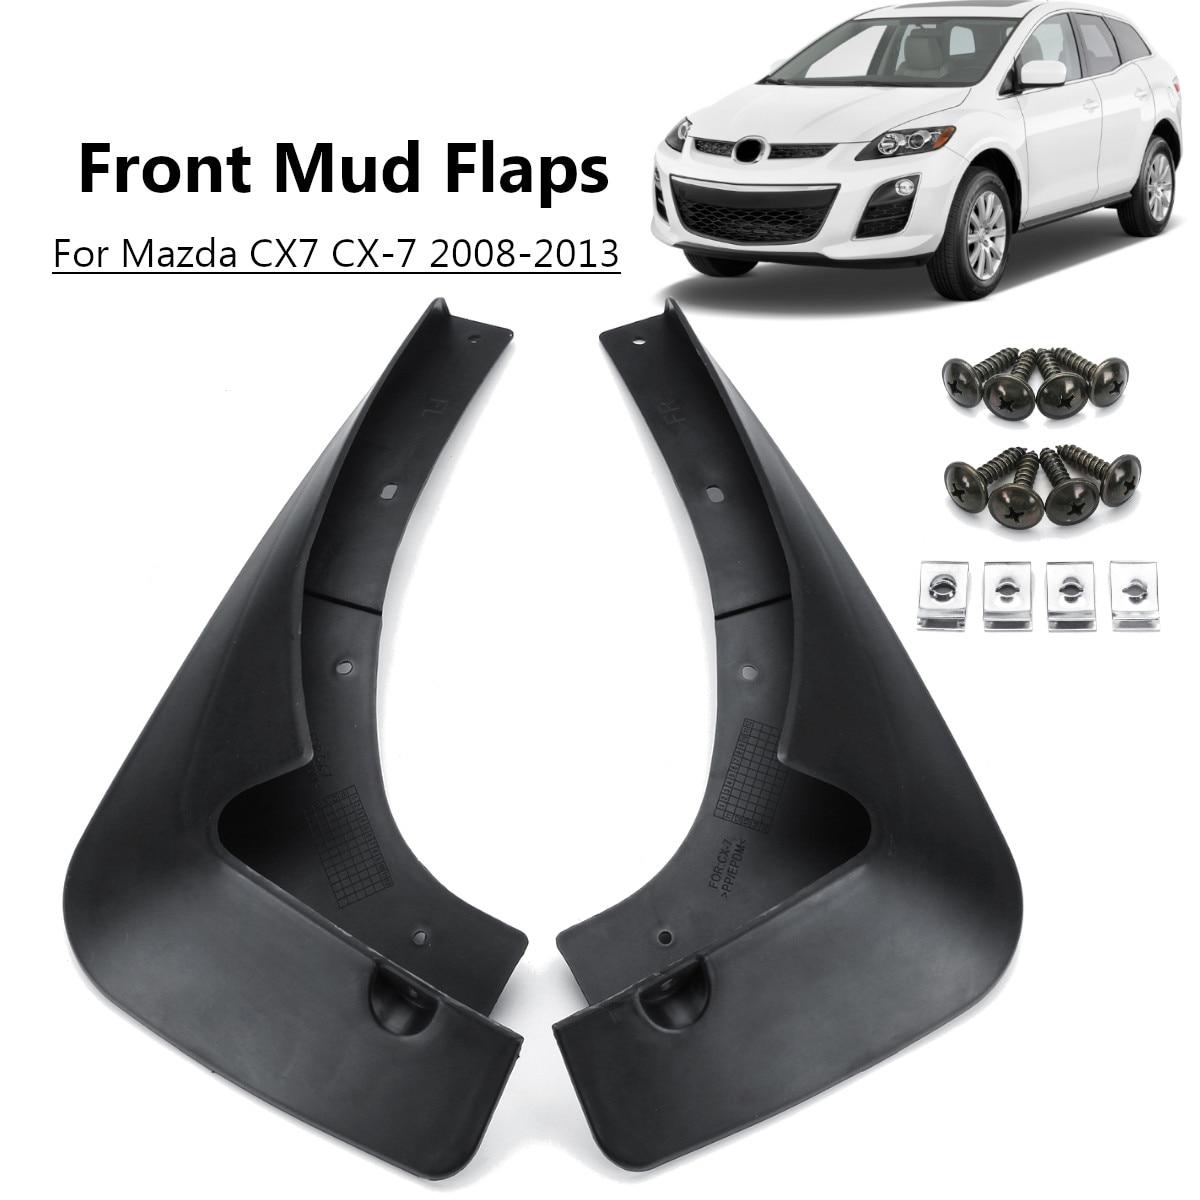 2 pièces pour Mazda CX7 CX-7 2008-2013 garde avant de voiture-garde-boue garde-boue garde-boue garde-boue garde-boue